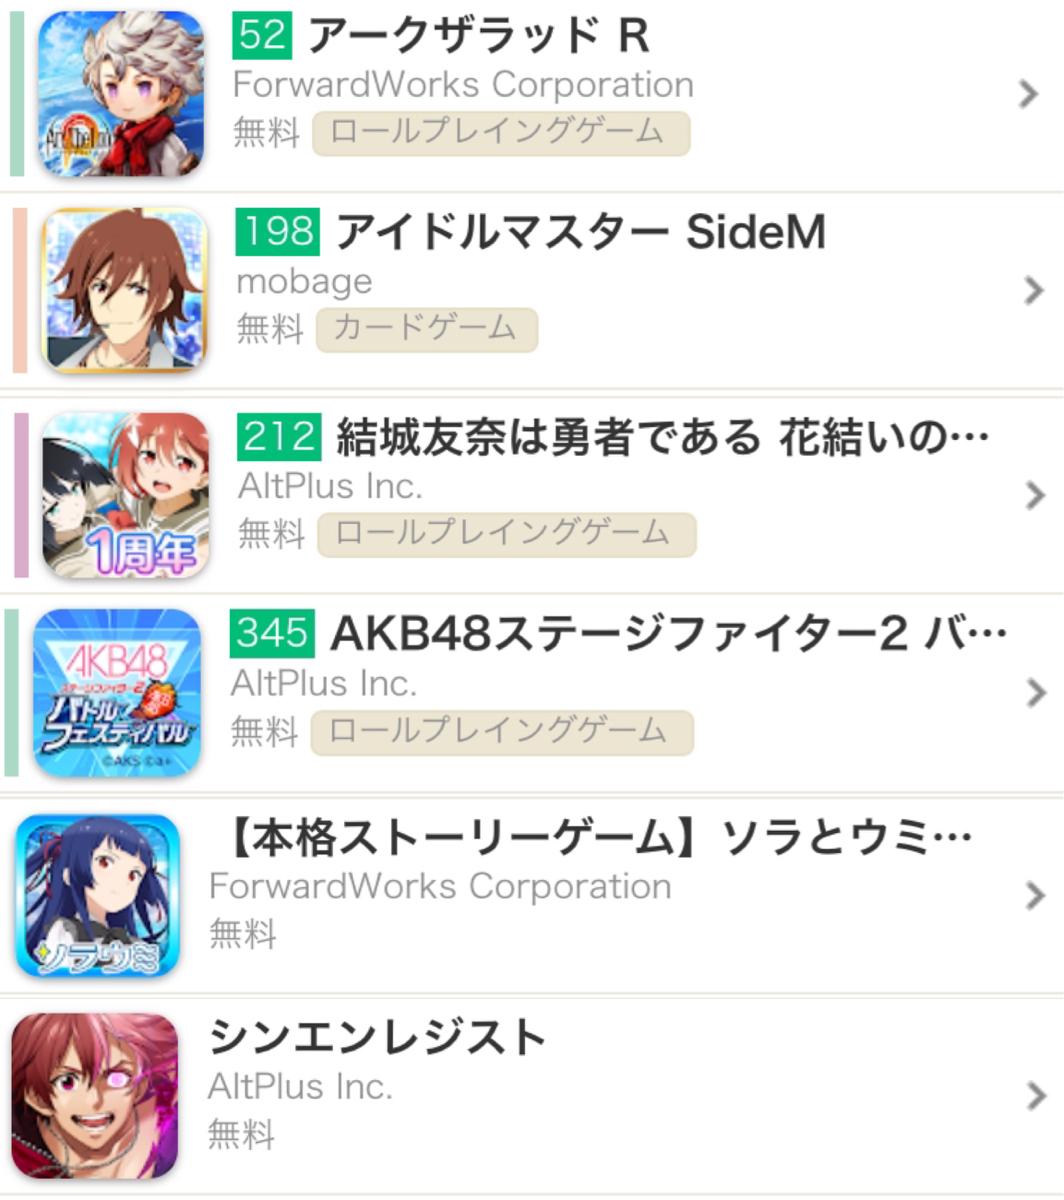 3672 - (株)オルトプラス 今日のオルトプラスさん( ˘ω˘ ) android  AKBステージファイター2 が2